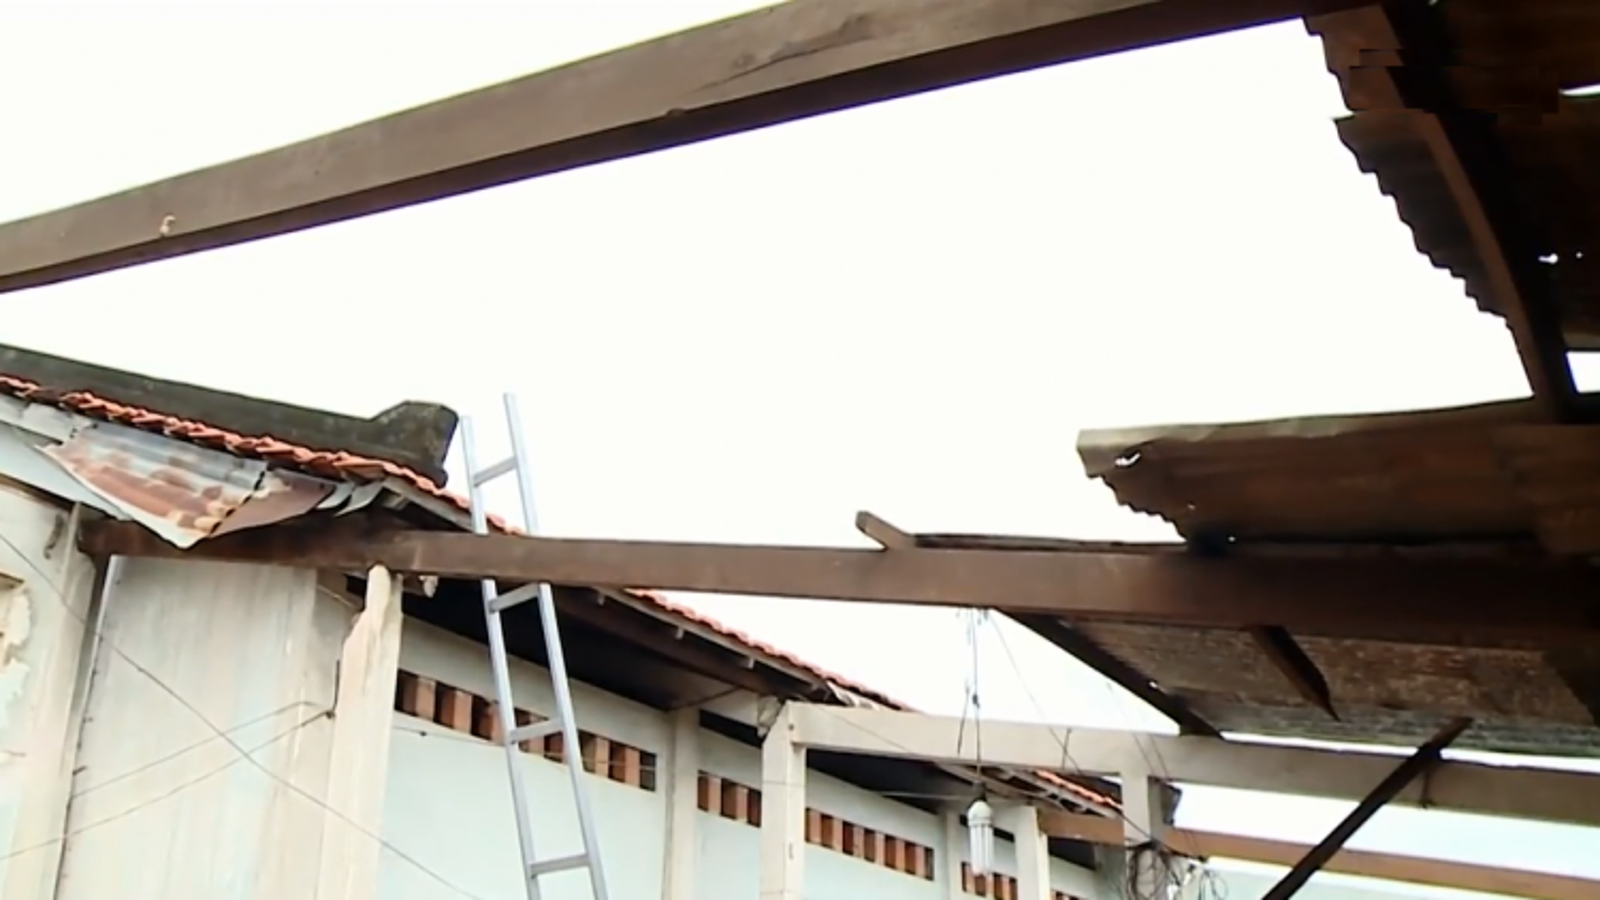 Hơn 80 căn nhà ở Vĩnh Long bị sập và tốc mái do lốc xoáy